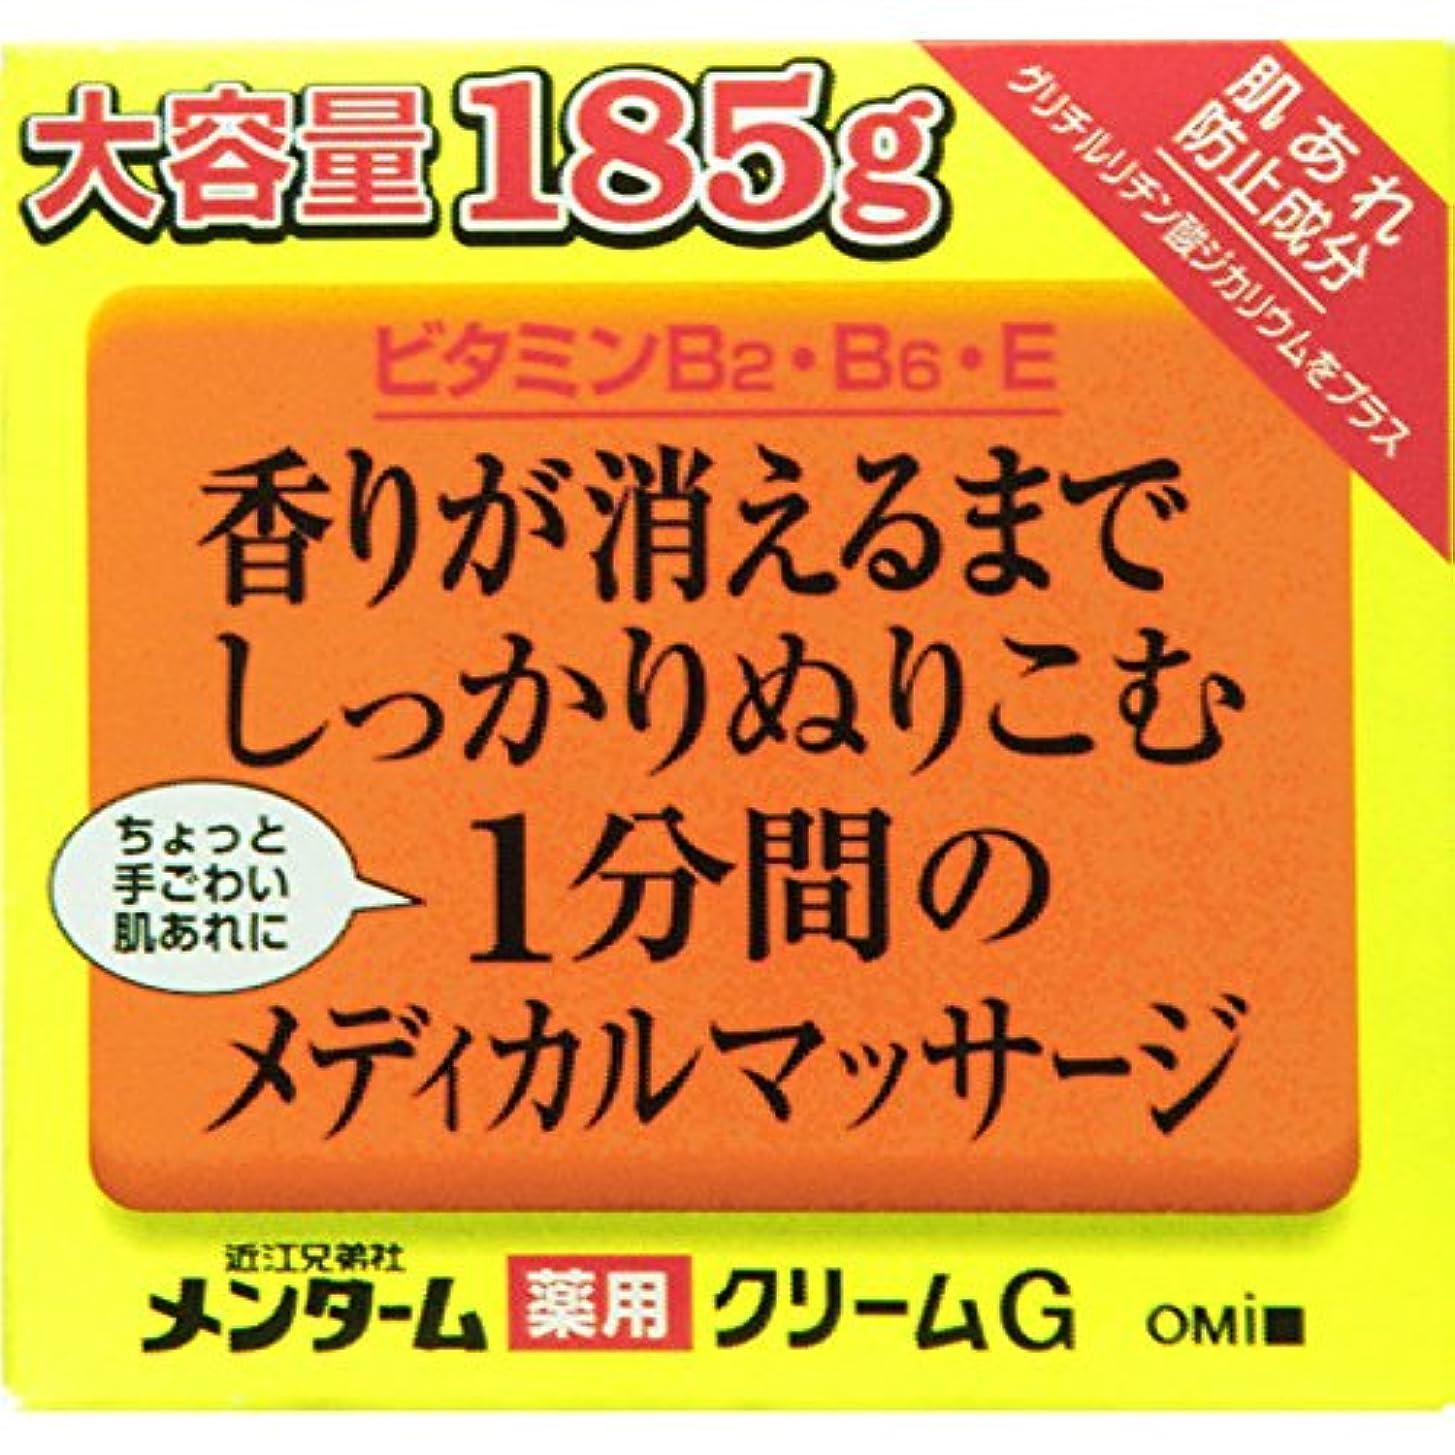 意志に反する触手足枷MKM メンタームメディカルクリーム 185g